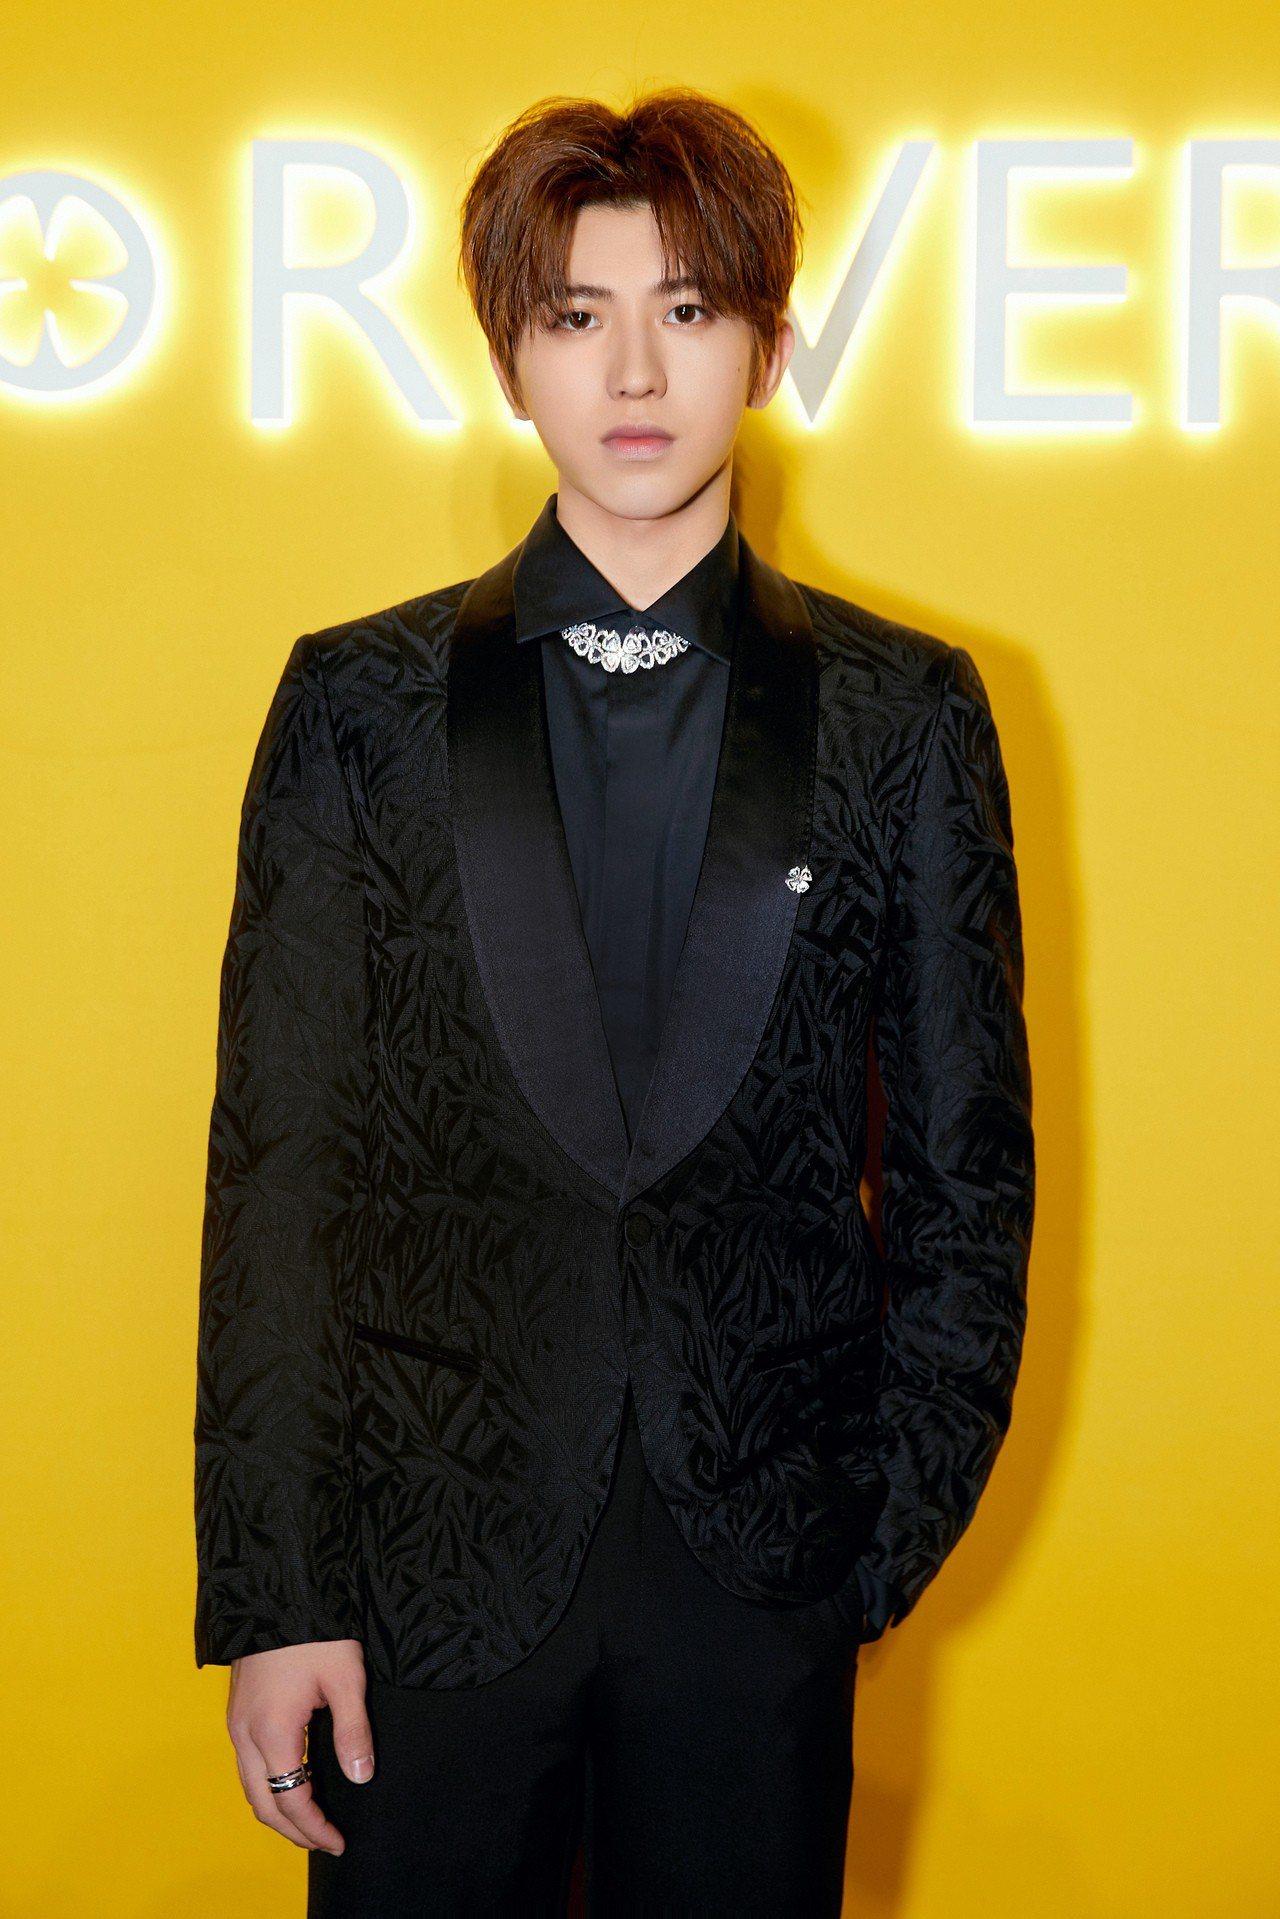 以偶像練習生節目出道的歌手蔡徐坤。圖/寶格麗提供